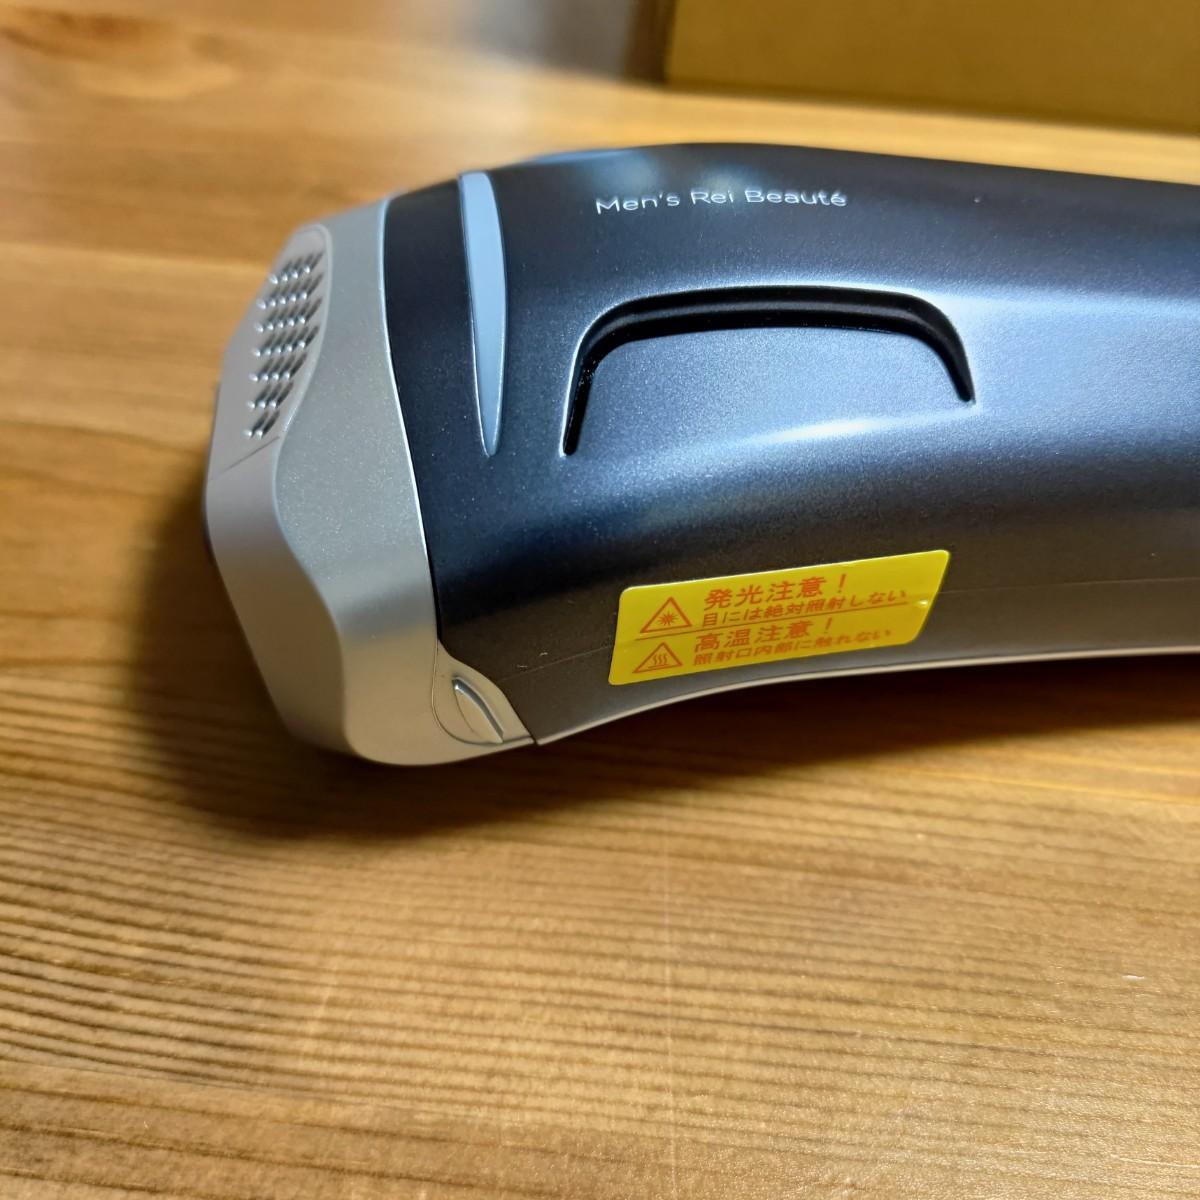 YA-MAN ヤーマン メンズレイボーテSTA-186 家庭用光美容器